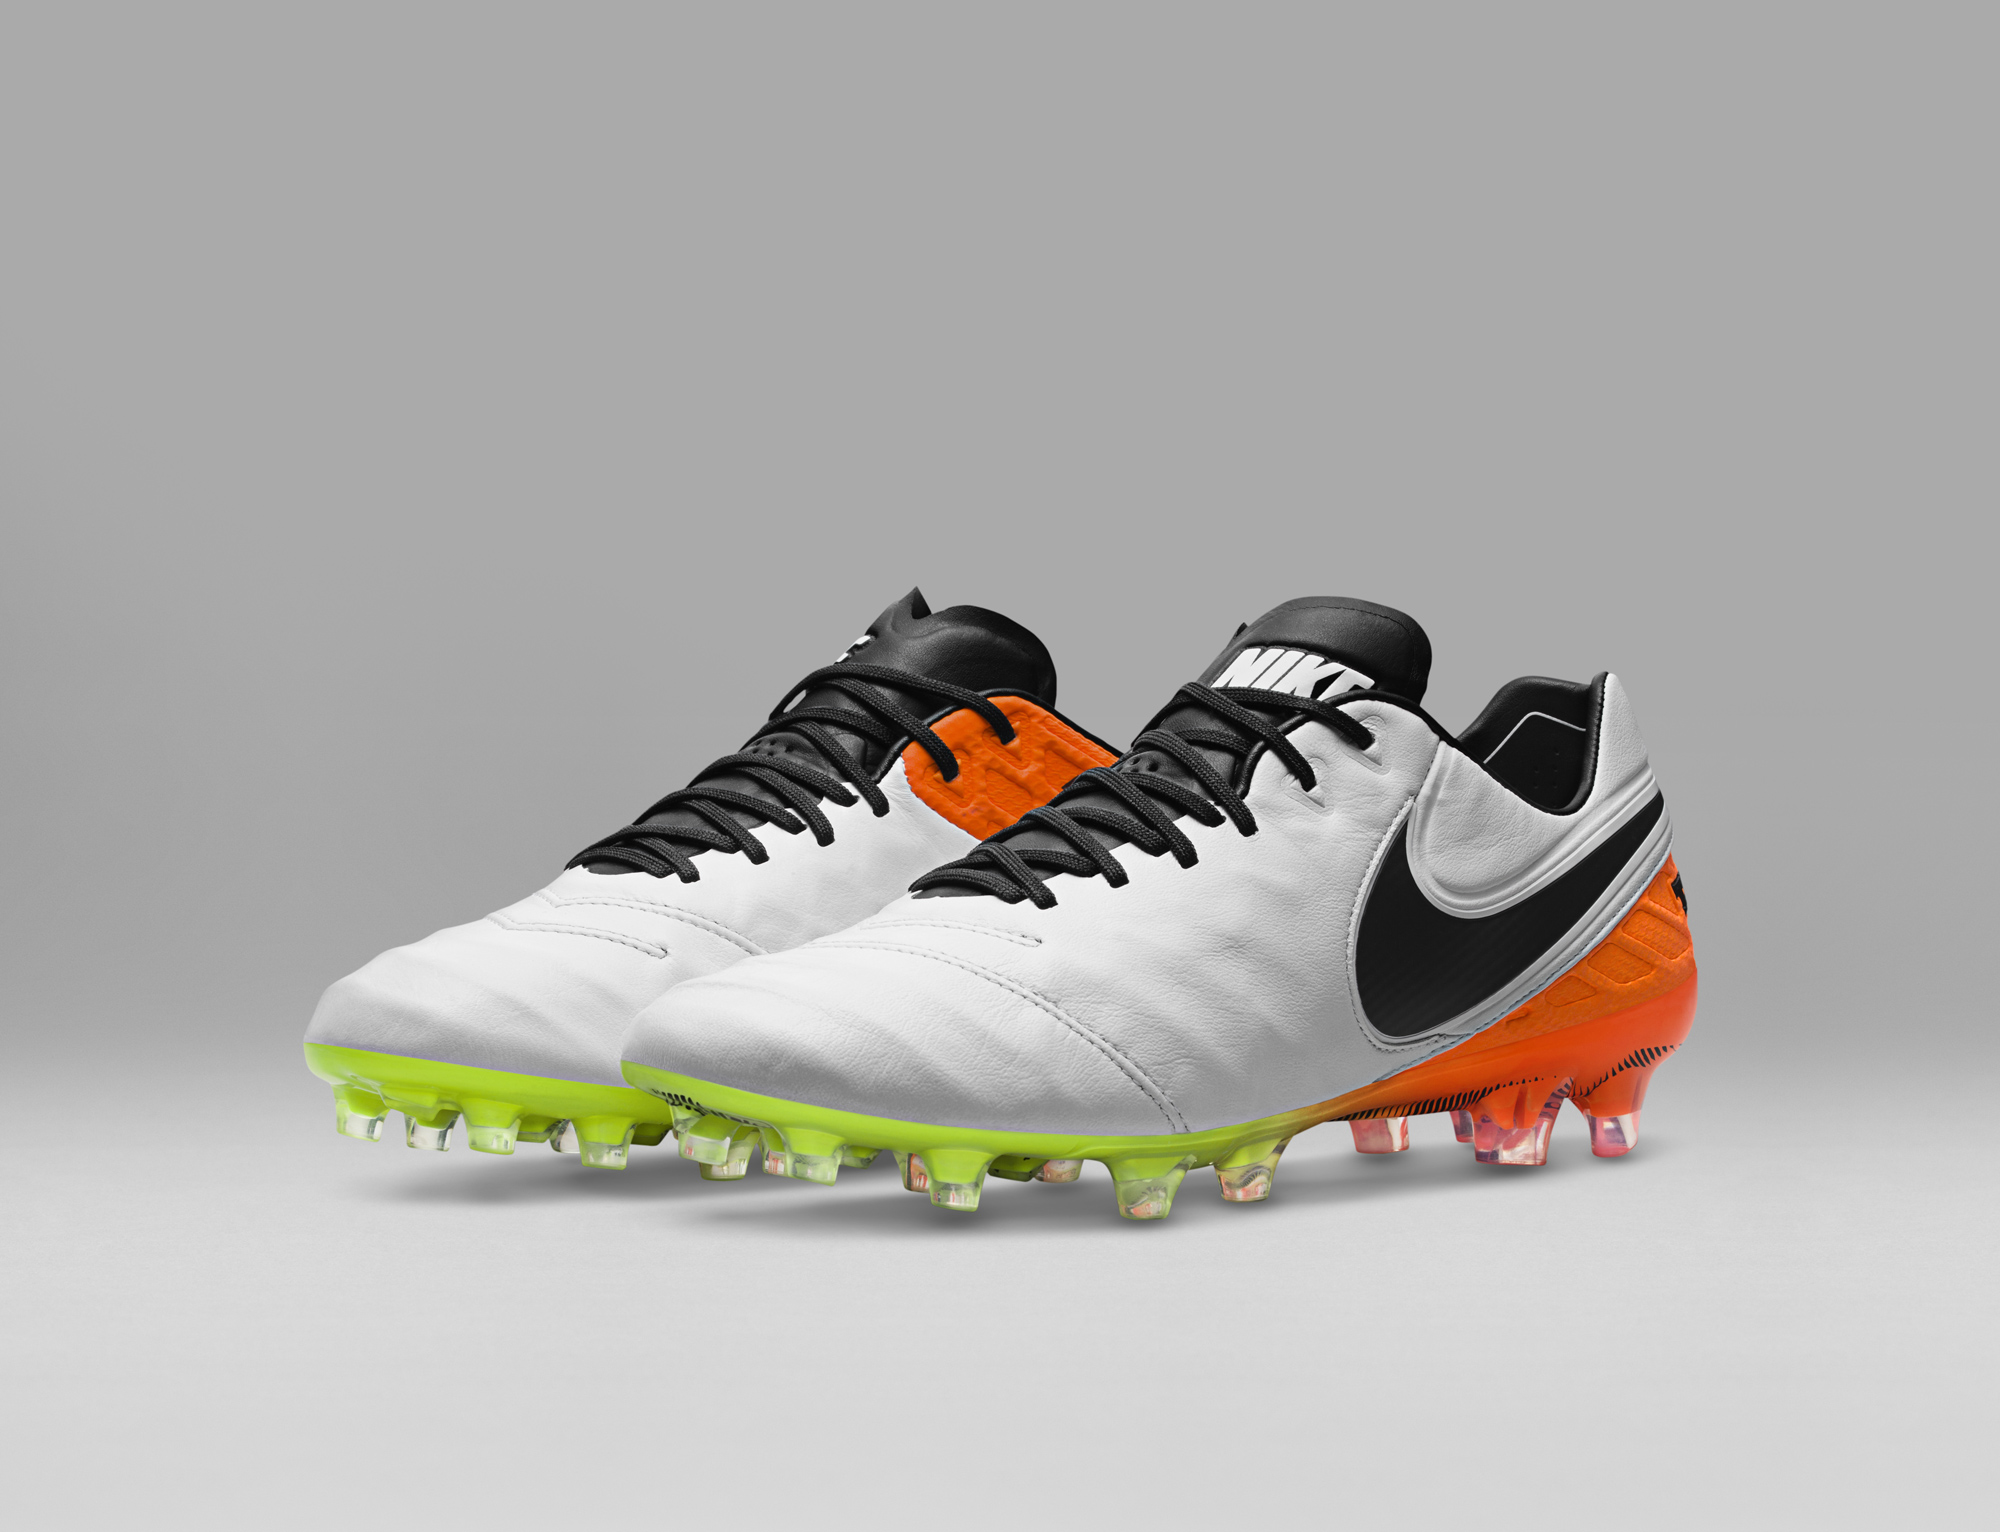 Look primaverile per le nuove scarpe da calcio Nike  presentato il Radiant  Reveal Pack 375b0d70b9e